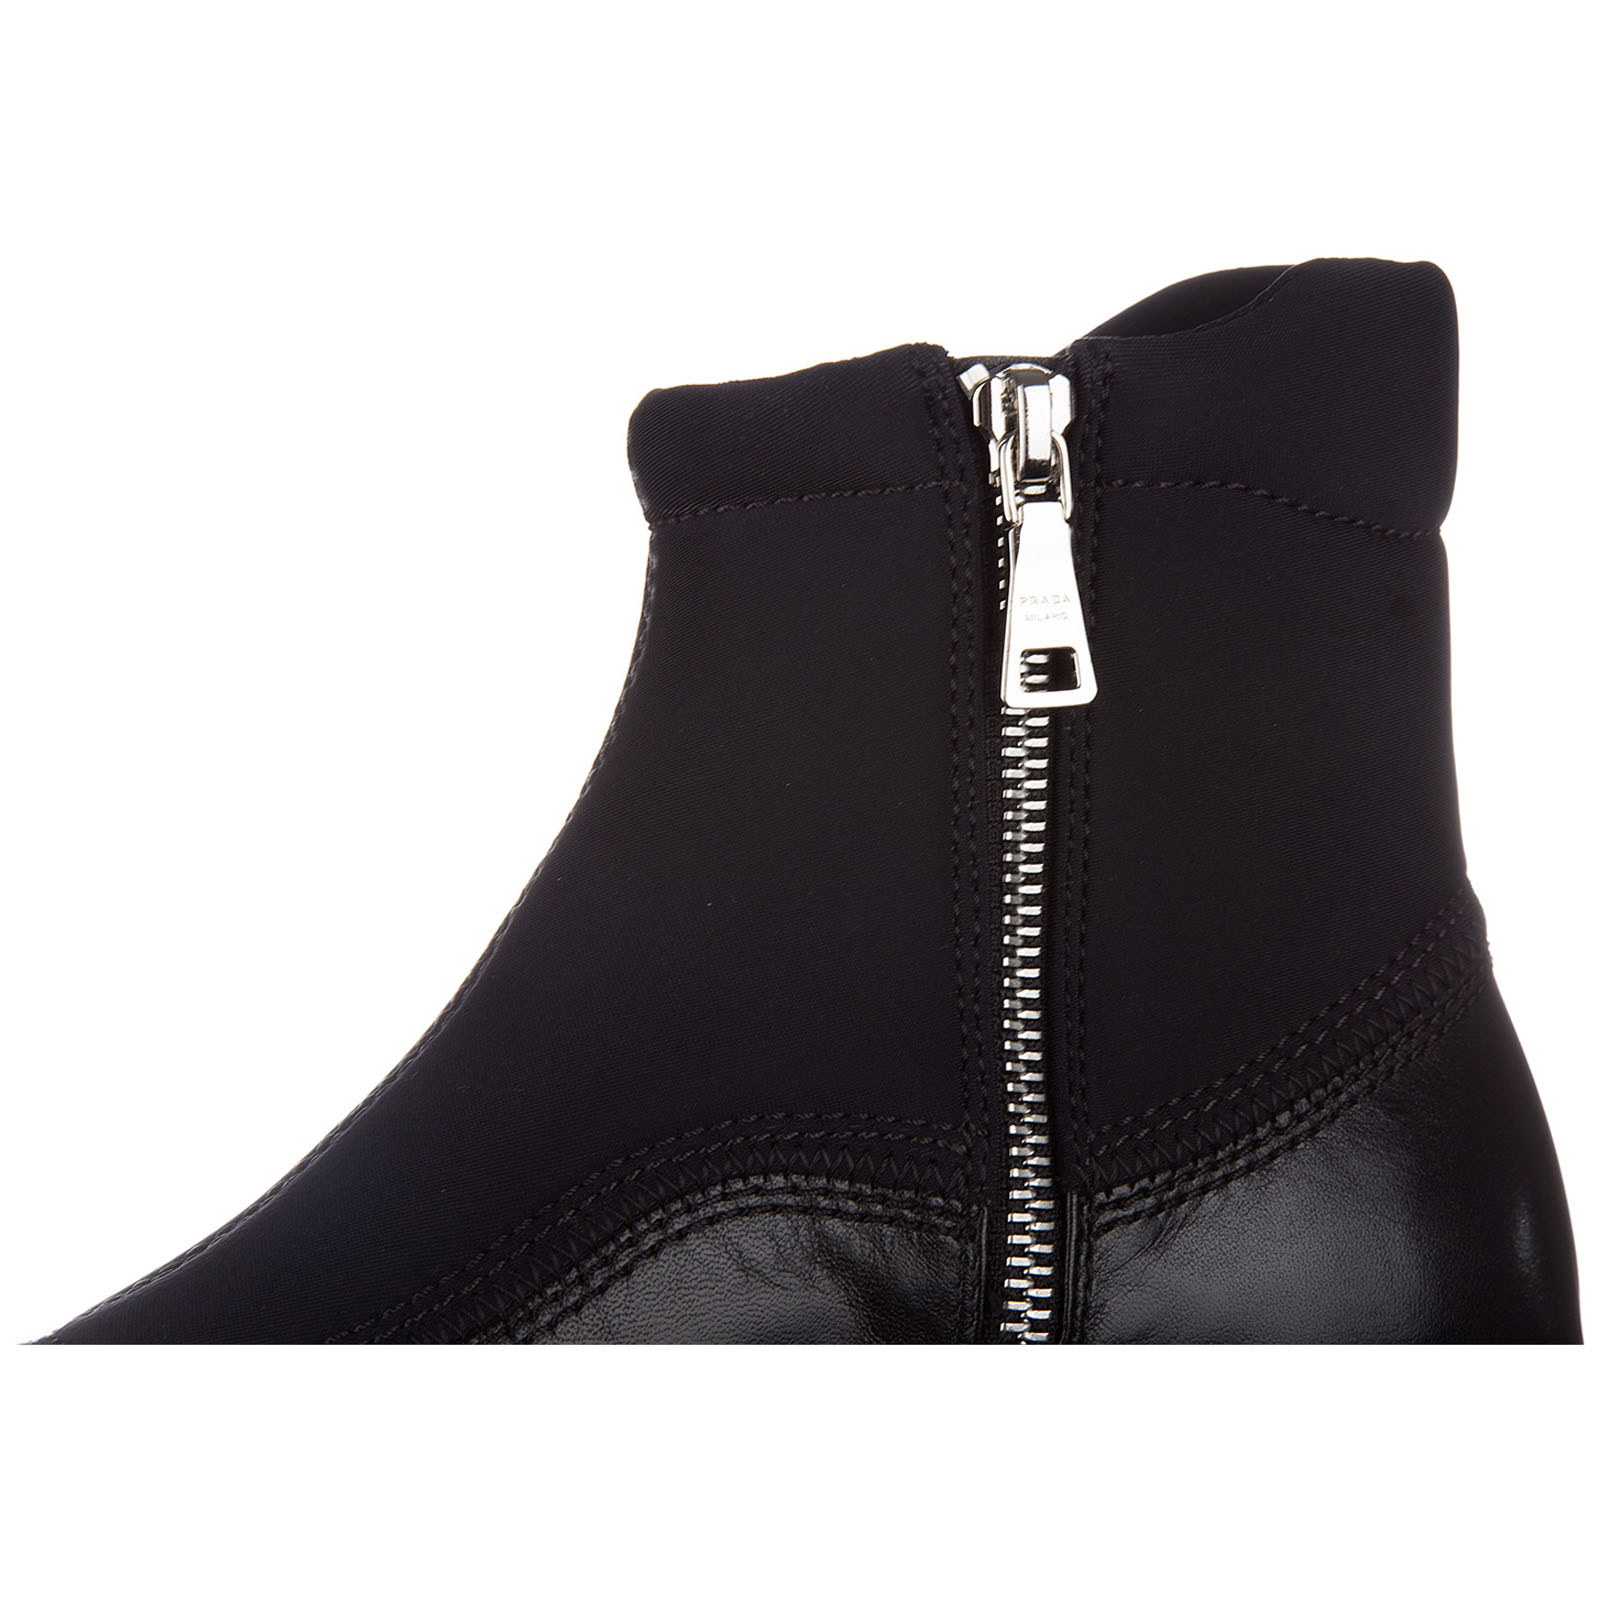 Damen leder stiefeletten stiefel ankle boots